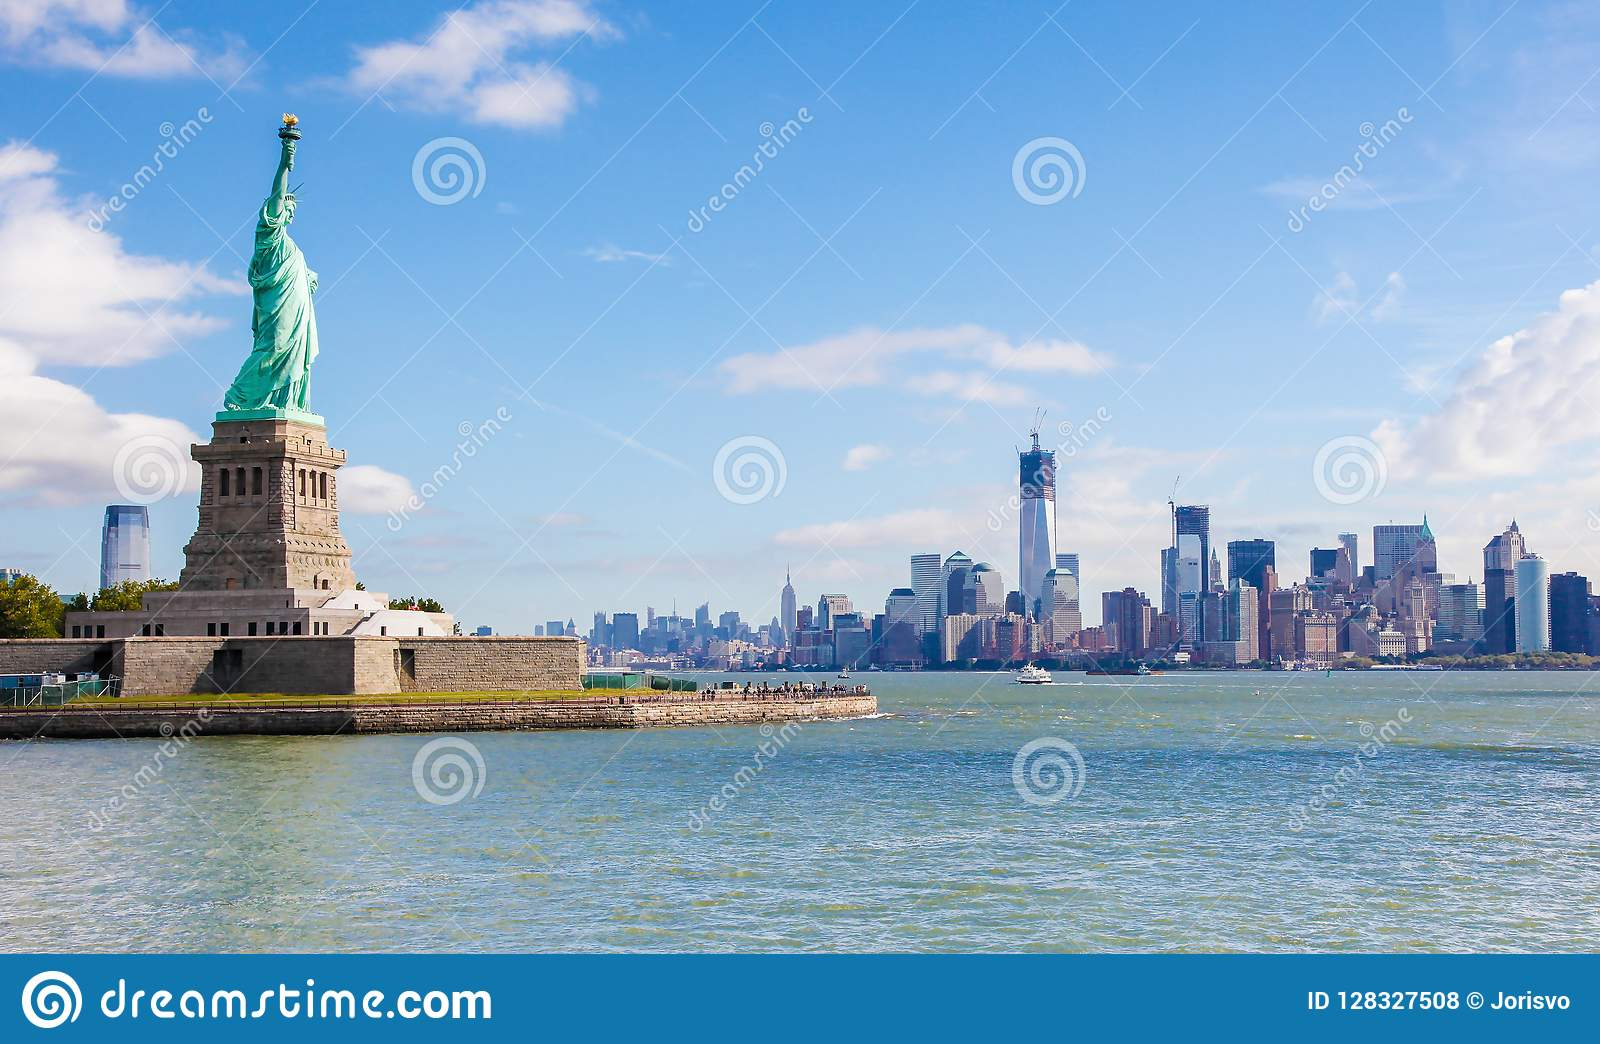 Freiheitsstatue Und Die Manhattan Skyline In New York City